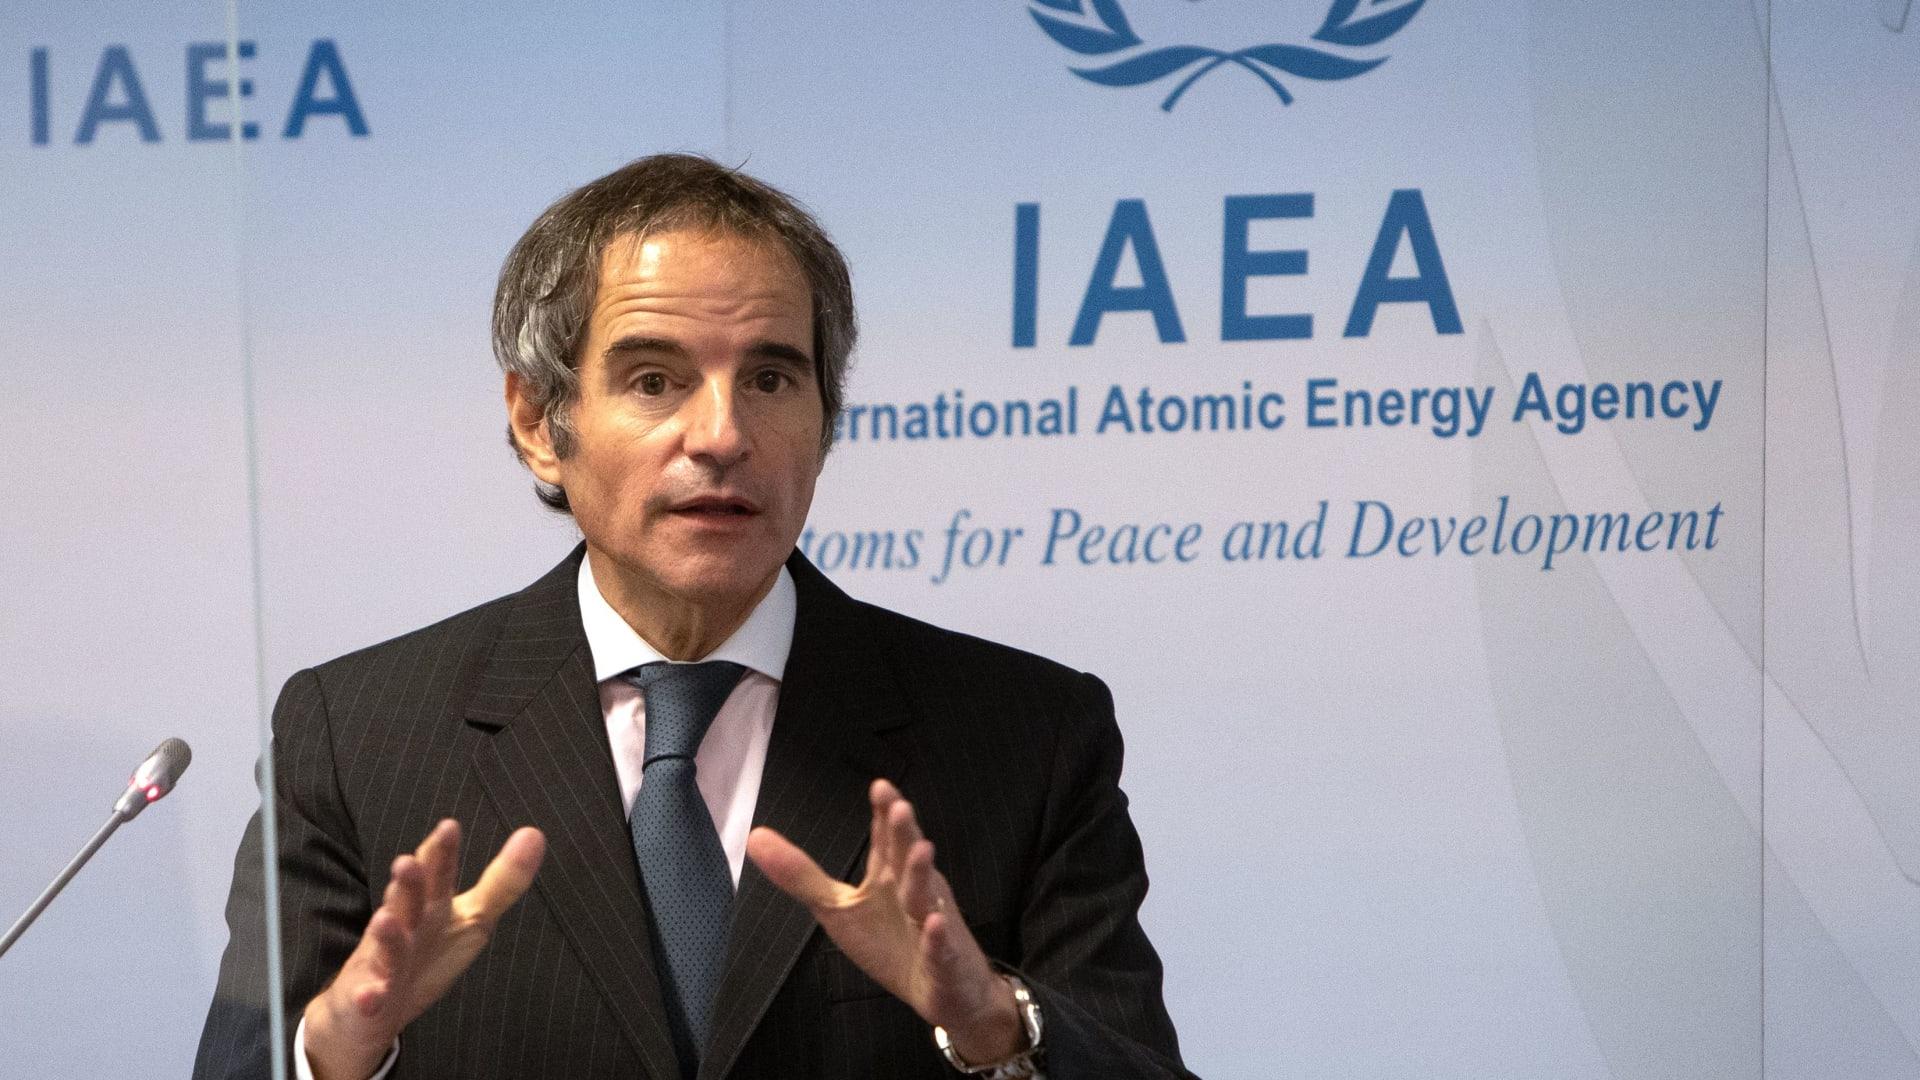 """وزير خارجية روسيا يستنكر """"محاولات عرقلة"""" المحادثات النووية خلال زيارته لإيران"""